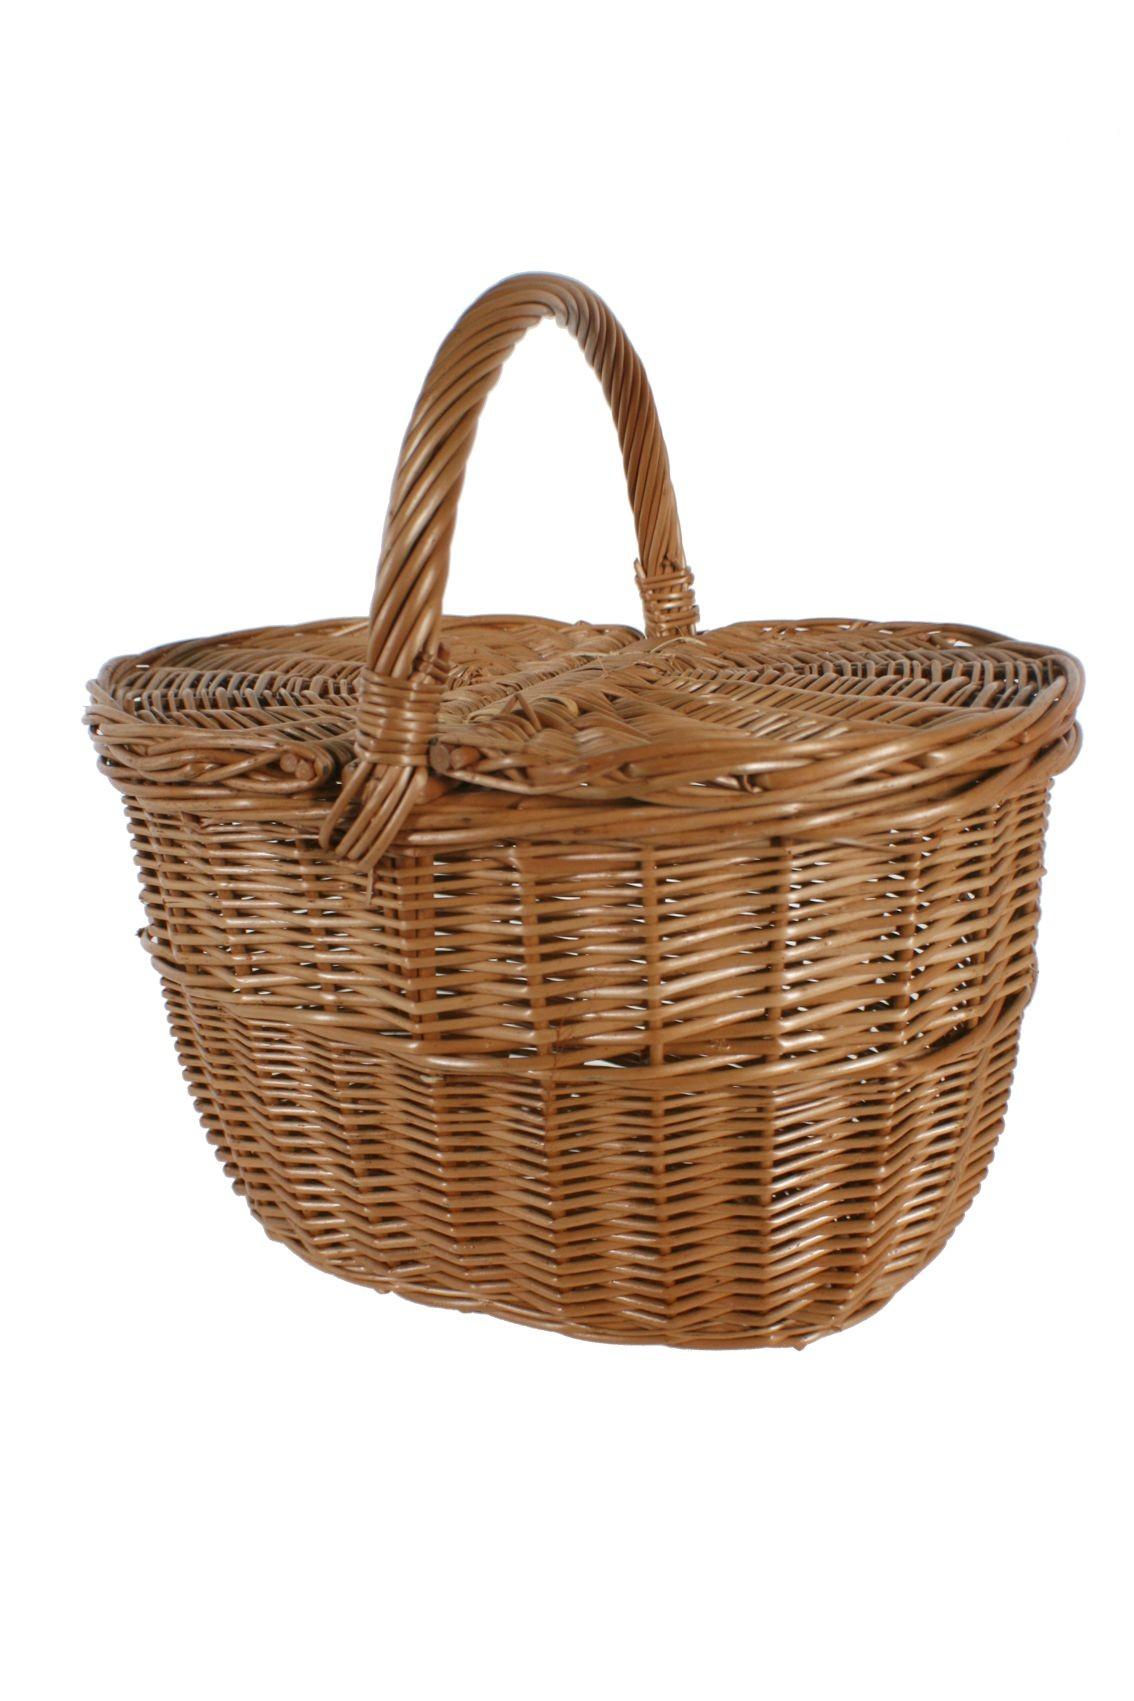 Descendencia perdonado hoy  Cesto mimbre reforzado para la compra para picnic y almacenaje setas